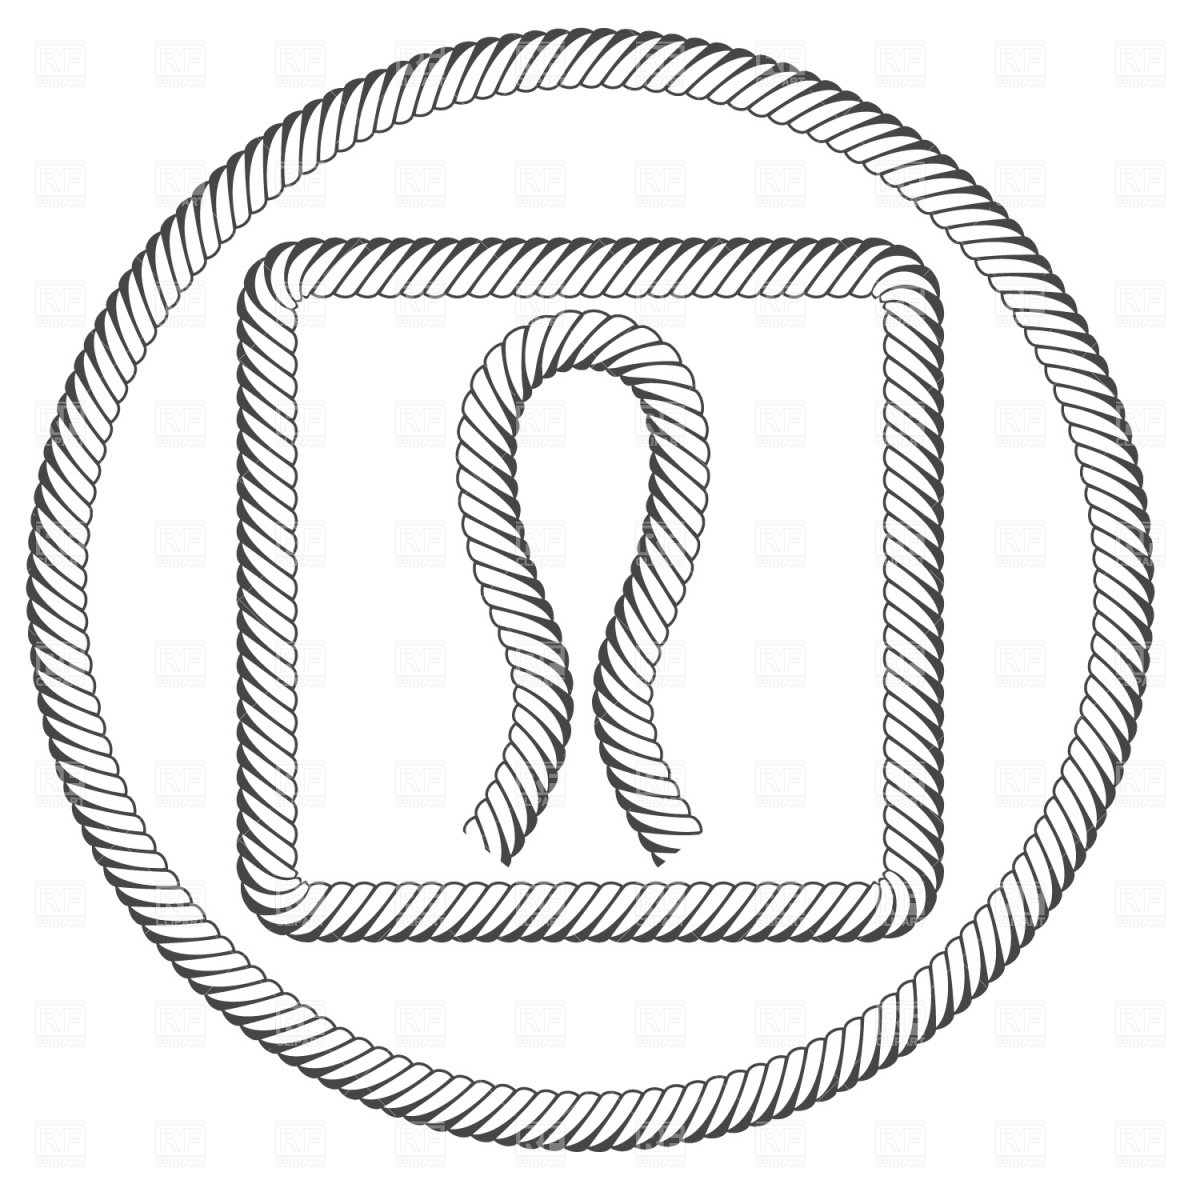 1200x1200 Drawn Rope Circle Vector 5